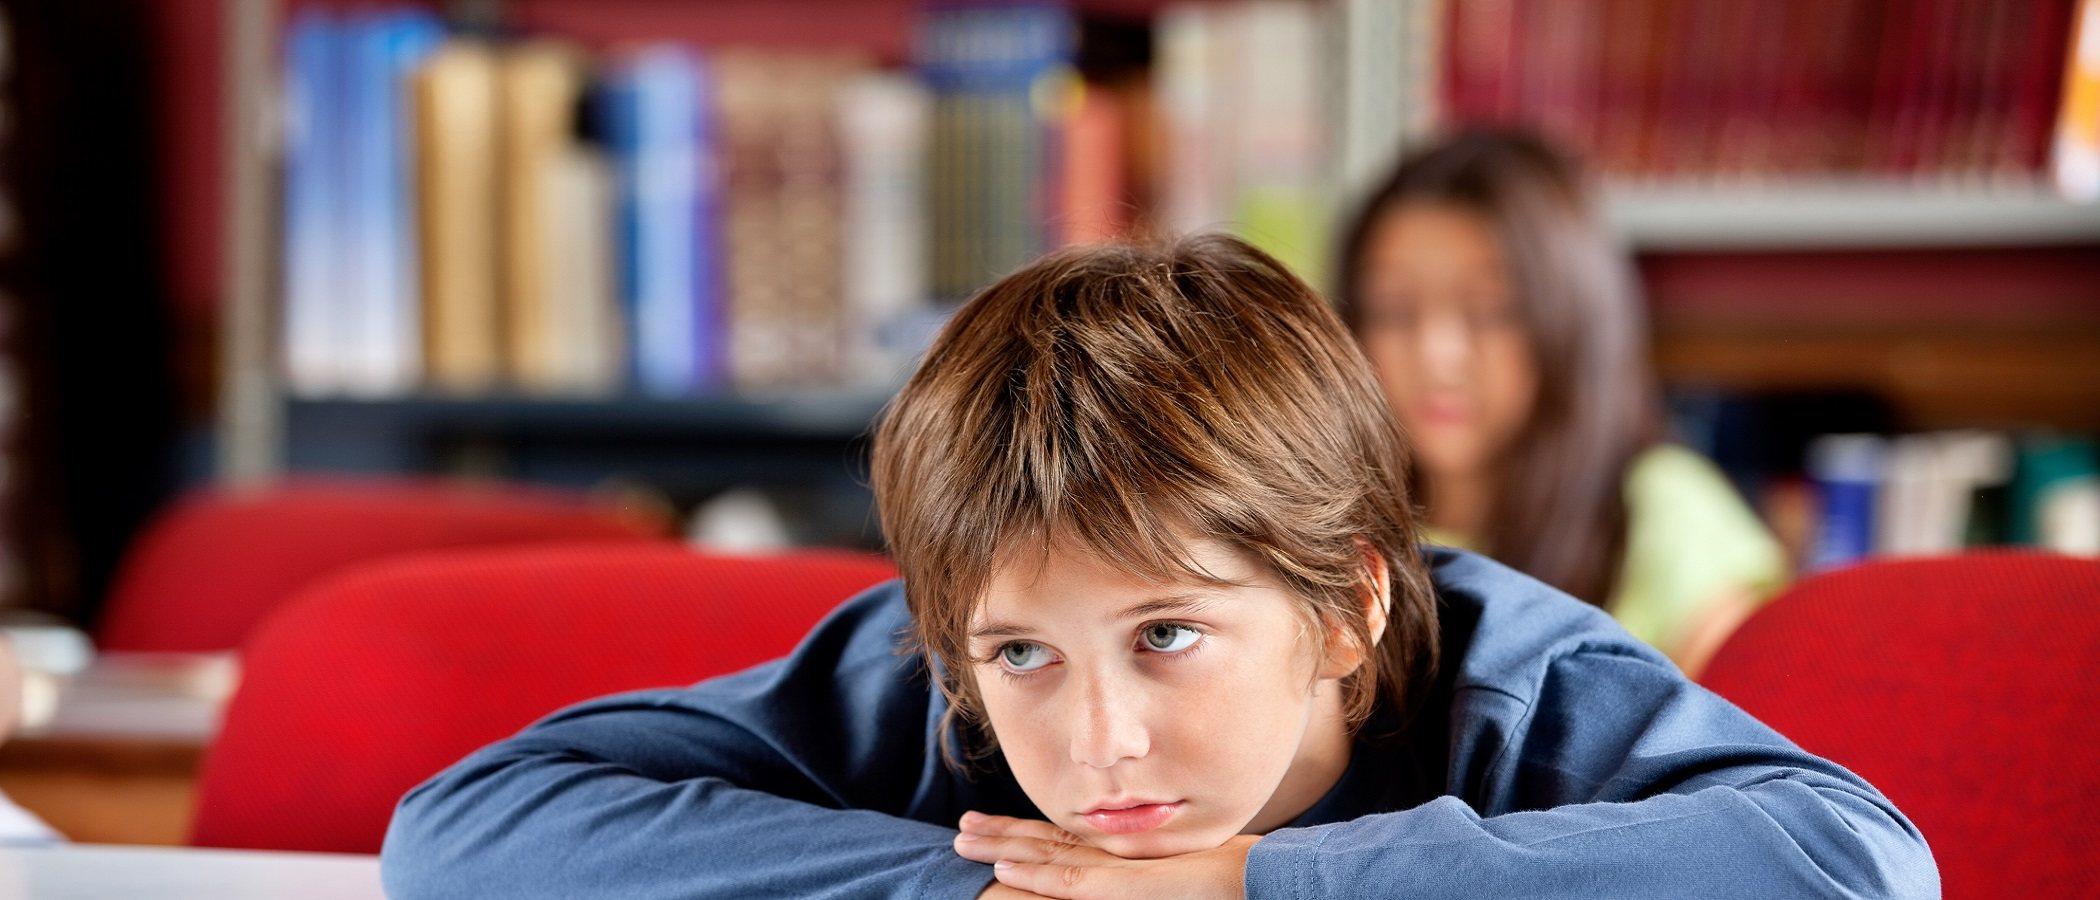 La falta de cuidado parental puede causar depresión